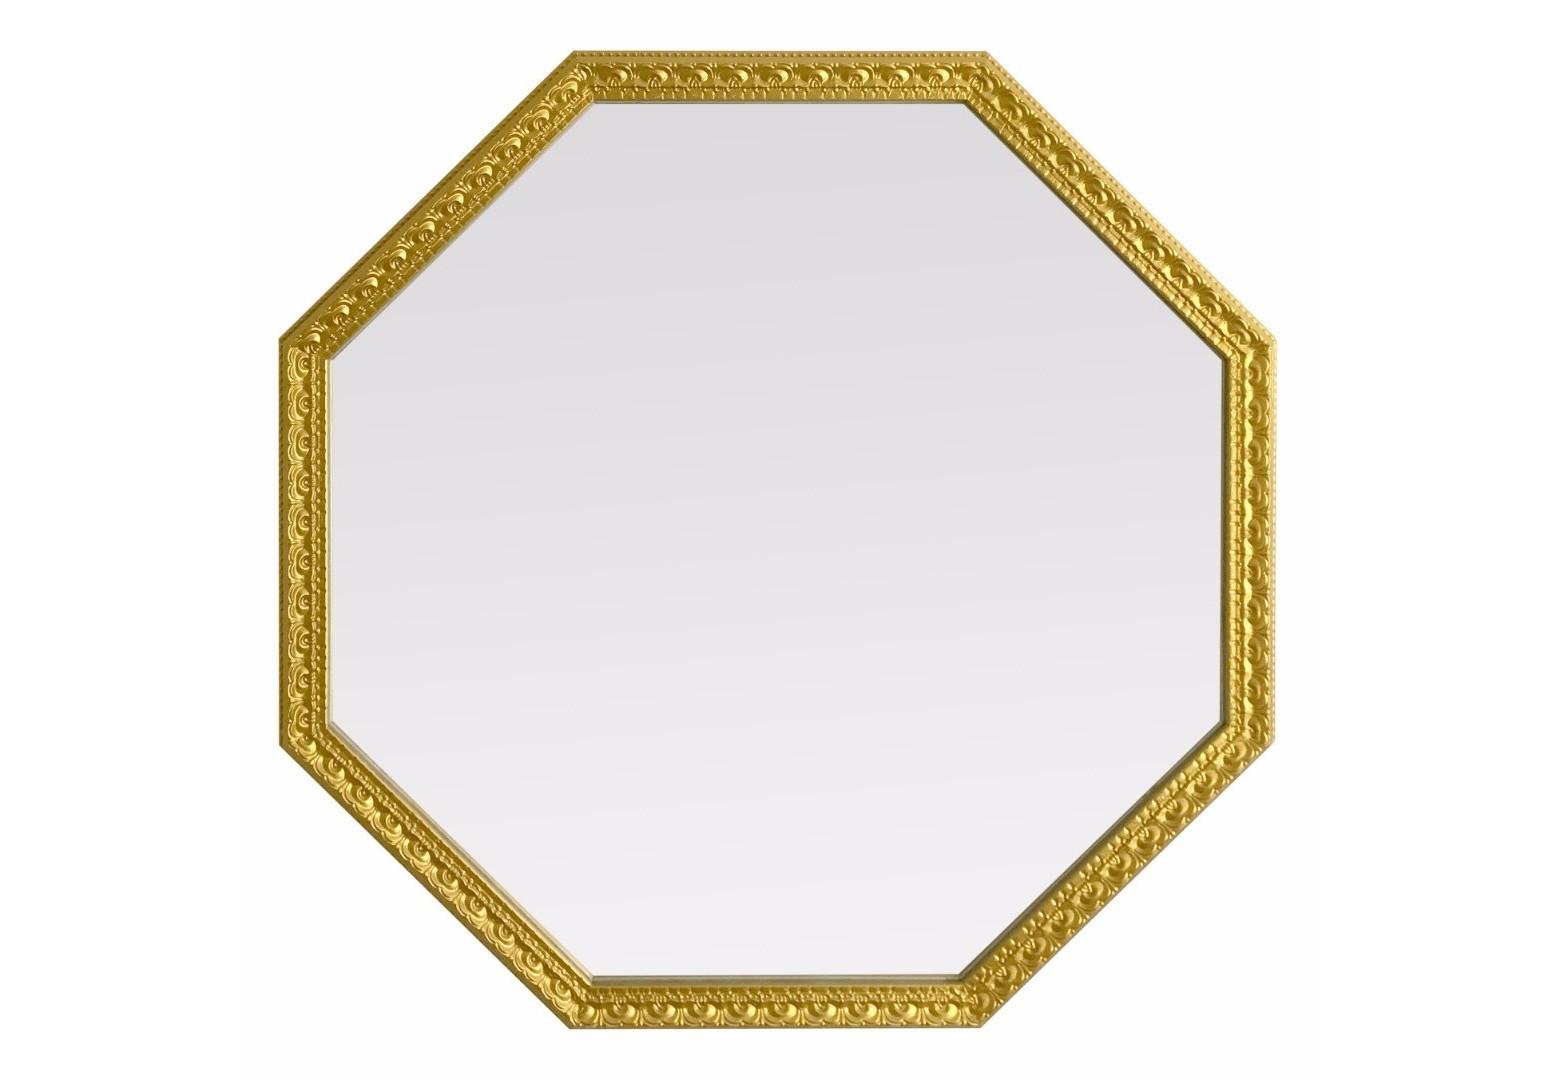 Зеркало BountyHome 15435393 от thefurnish